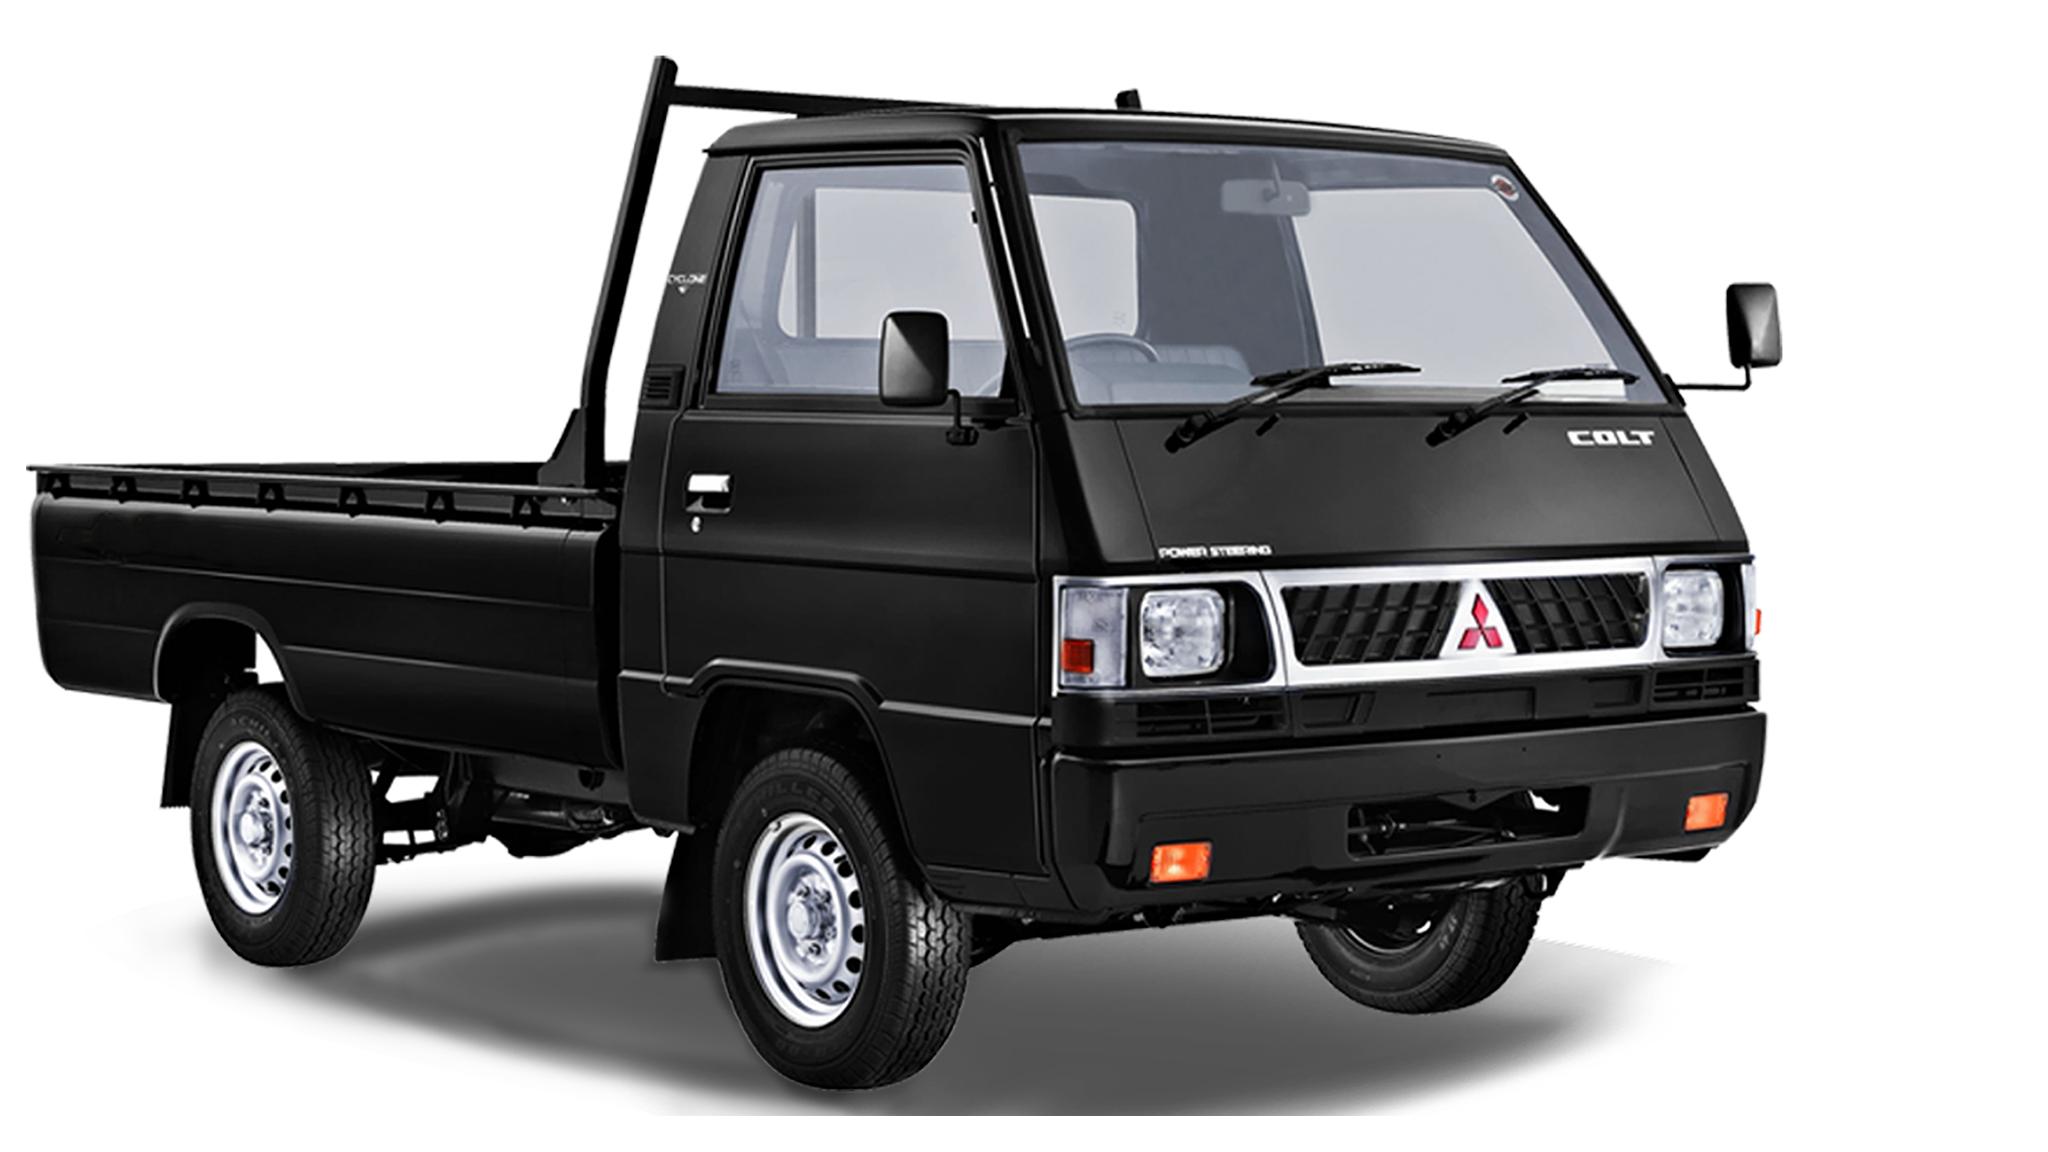 Spesifikasi dan Harga Mobil Mitsubishi L300 Pekanbaru